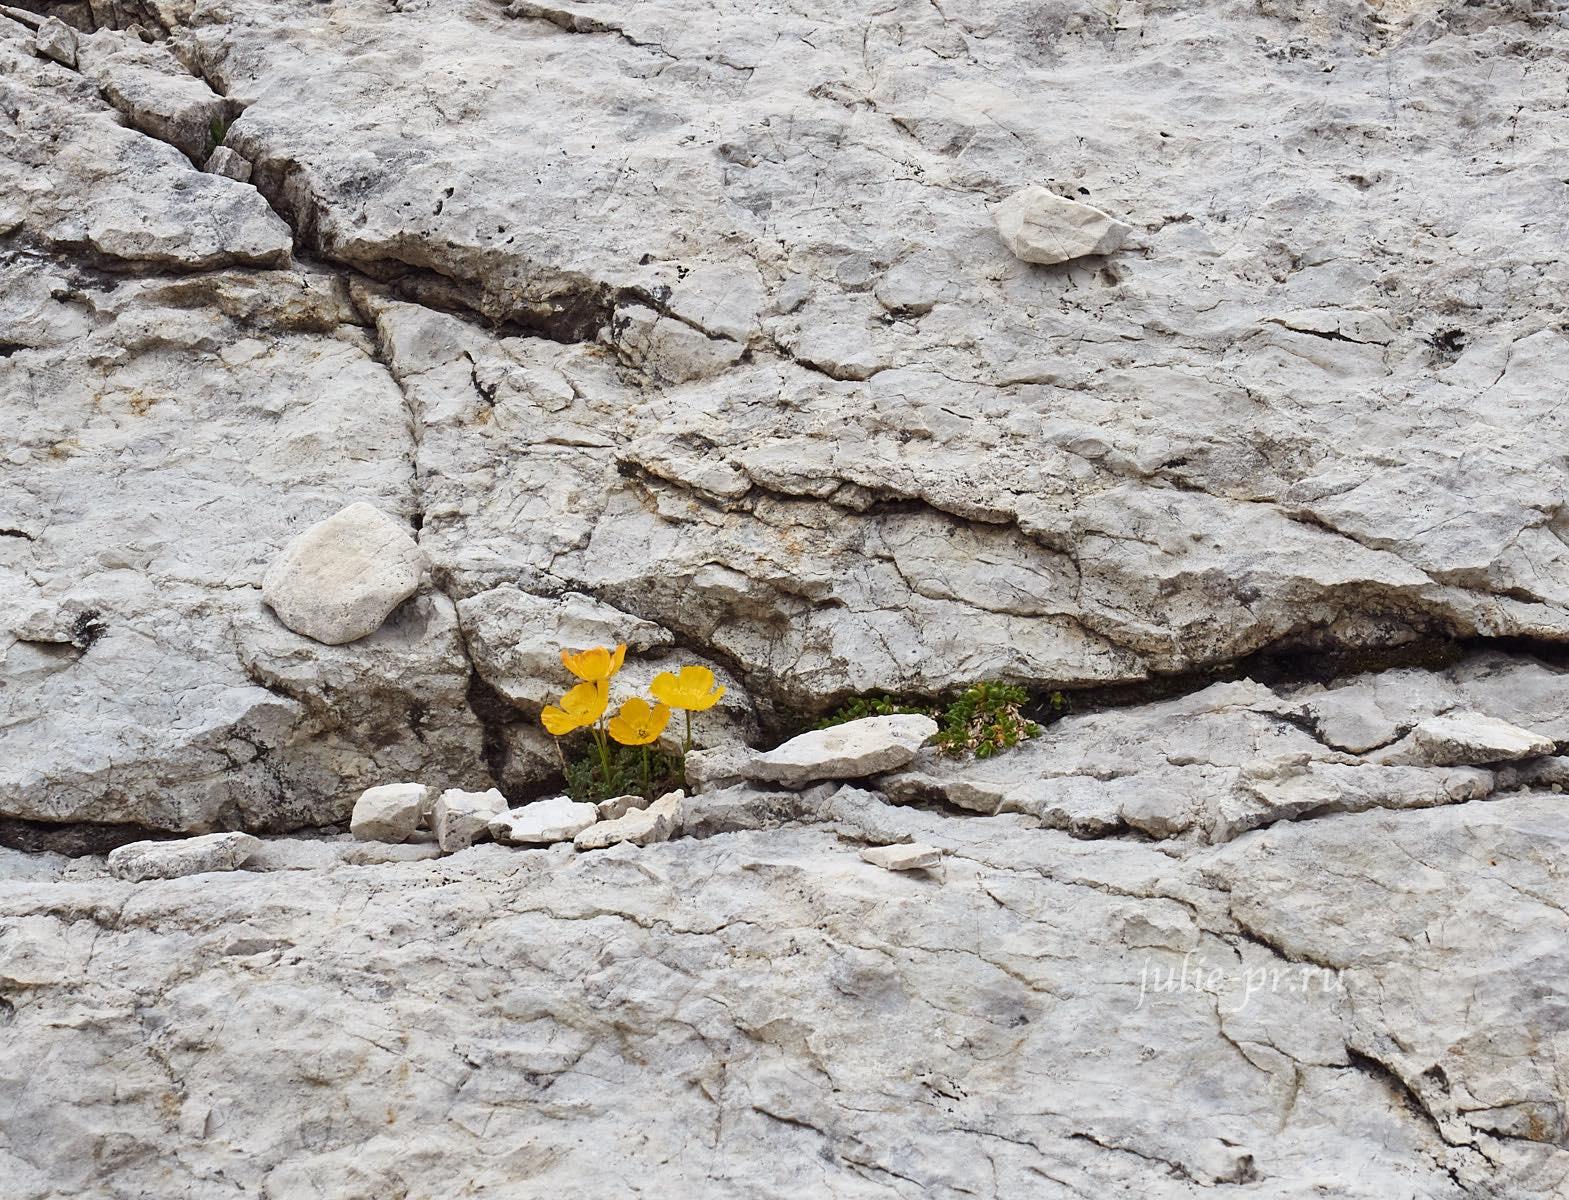 Италия, Альпы, Доломиты, Sella, Цветы